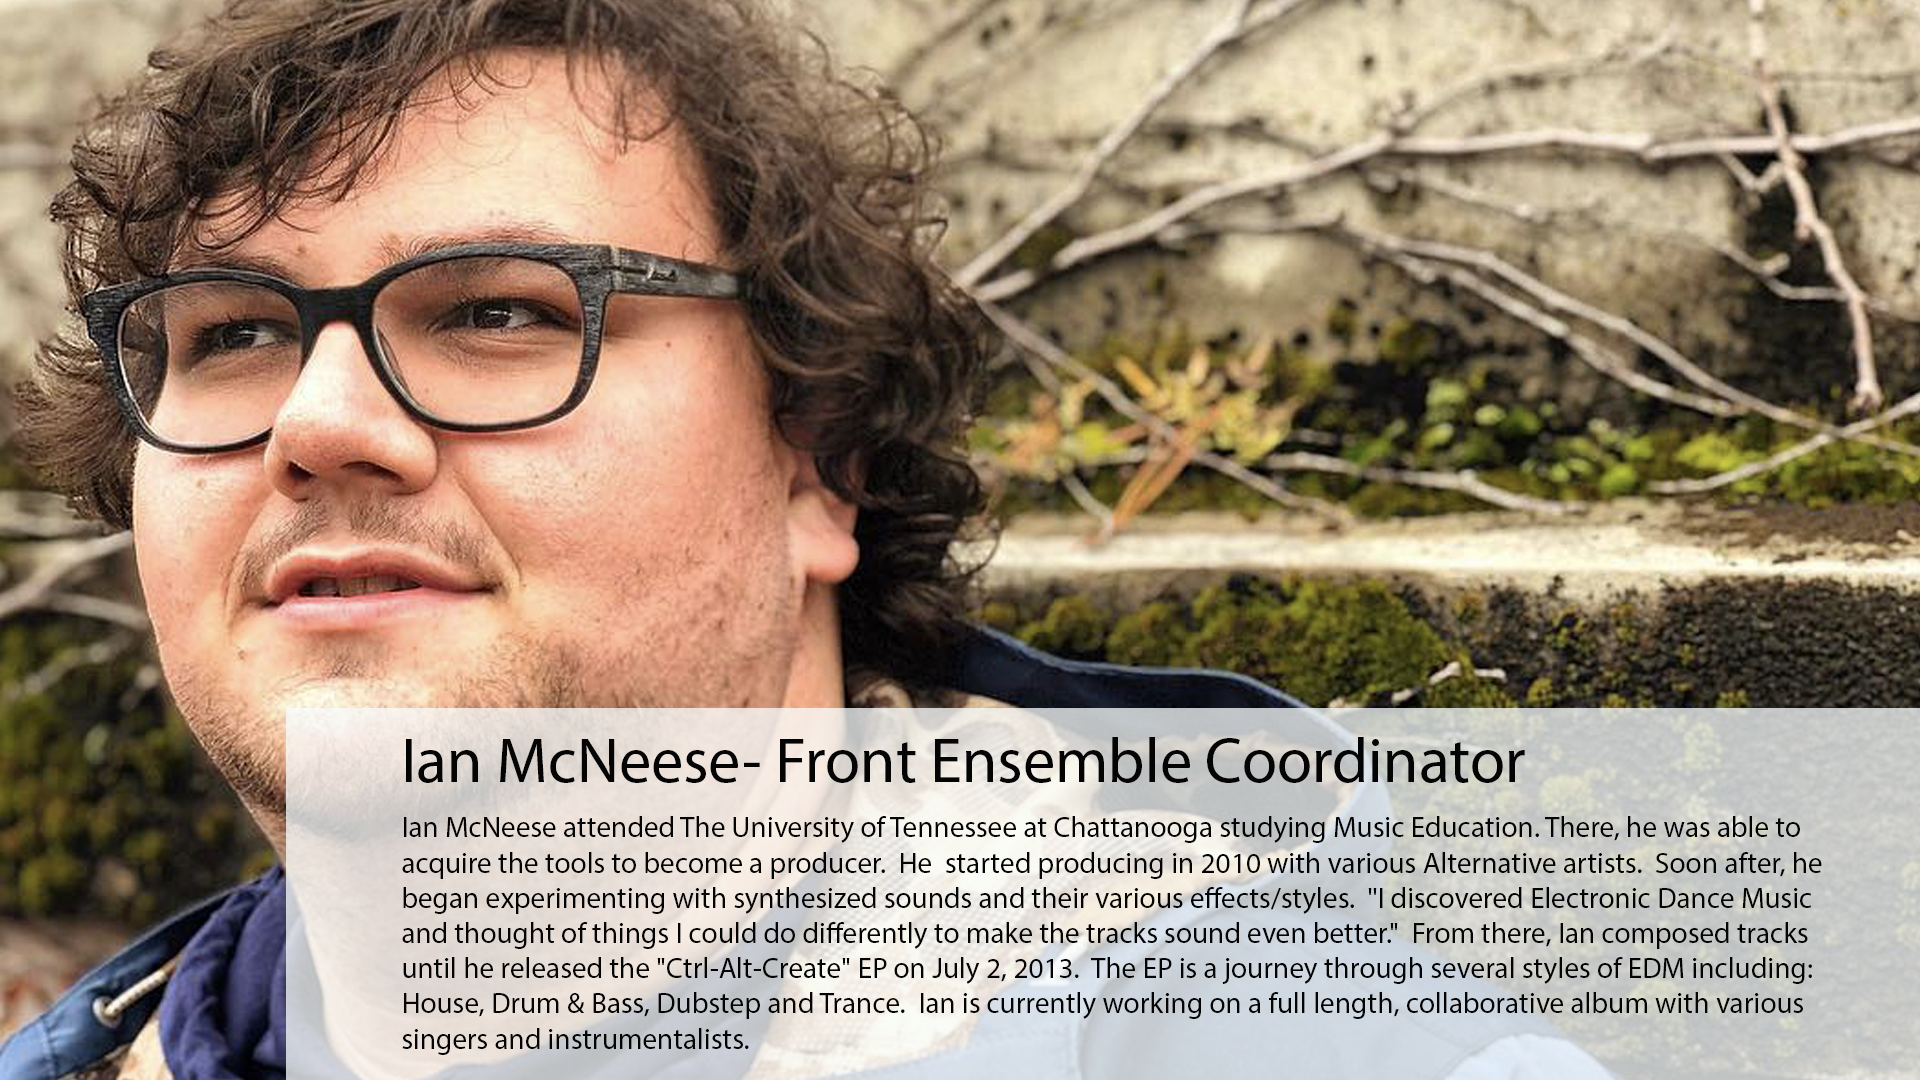 Ian McNeese